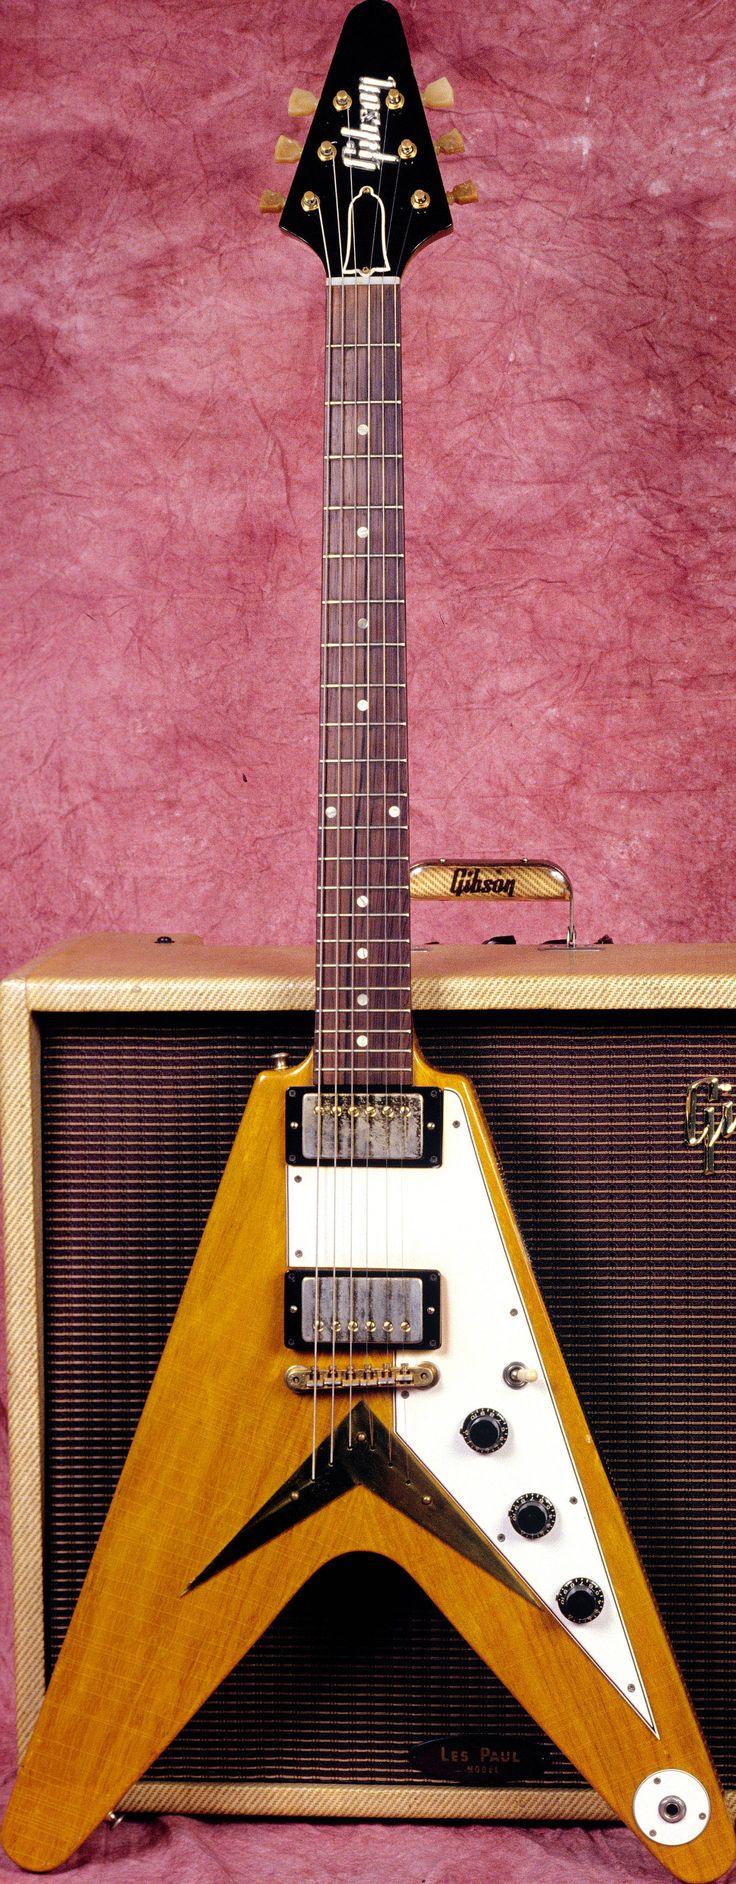 1959 Gibson Flying V